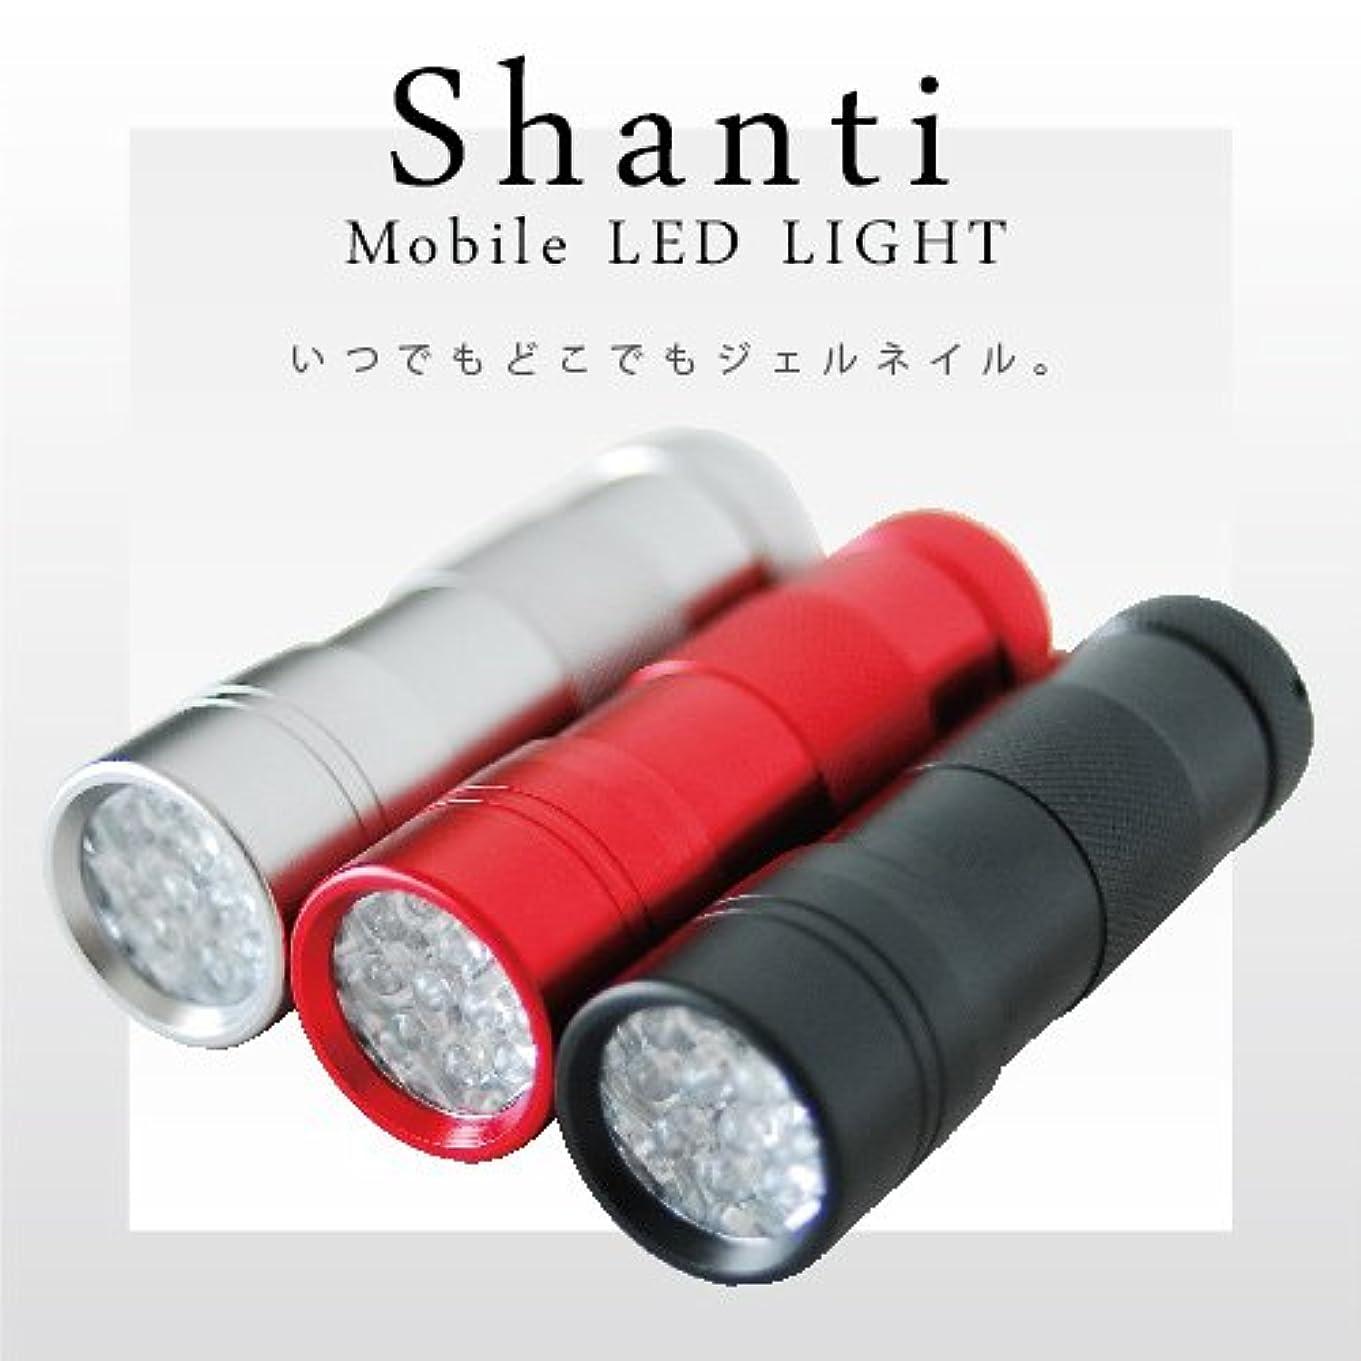 無一文時アセジェルネイル用UVライト ペン型LEDライト Shanti Mobile LED ペン型ポータブルLEDライト カラー:シルバー  携帯用ハンドライト